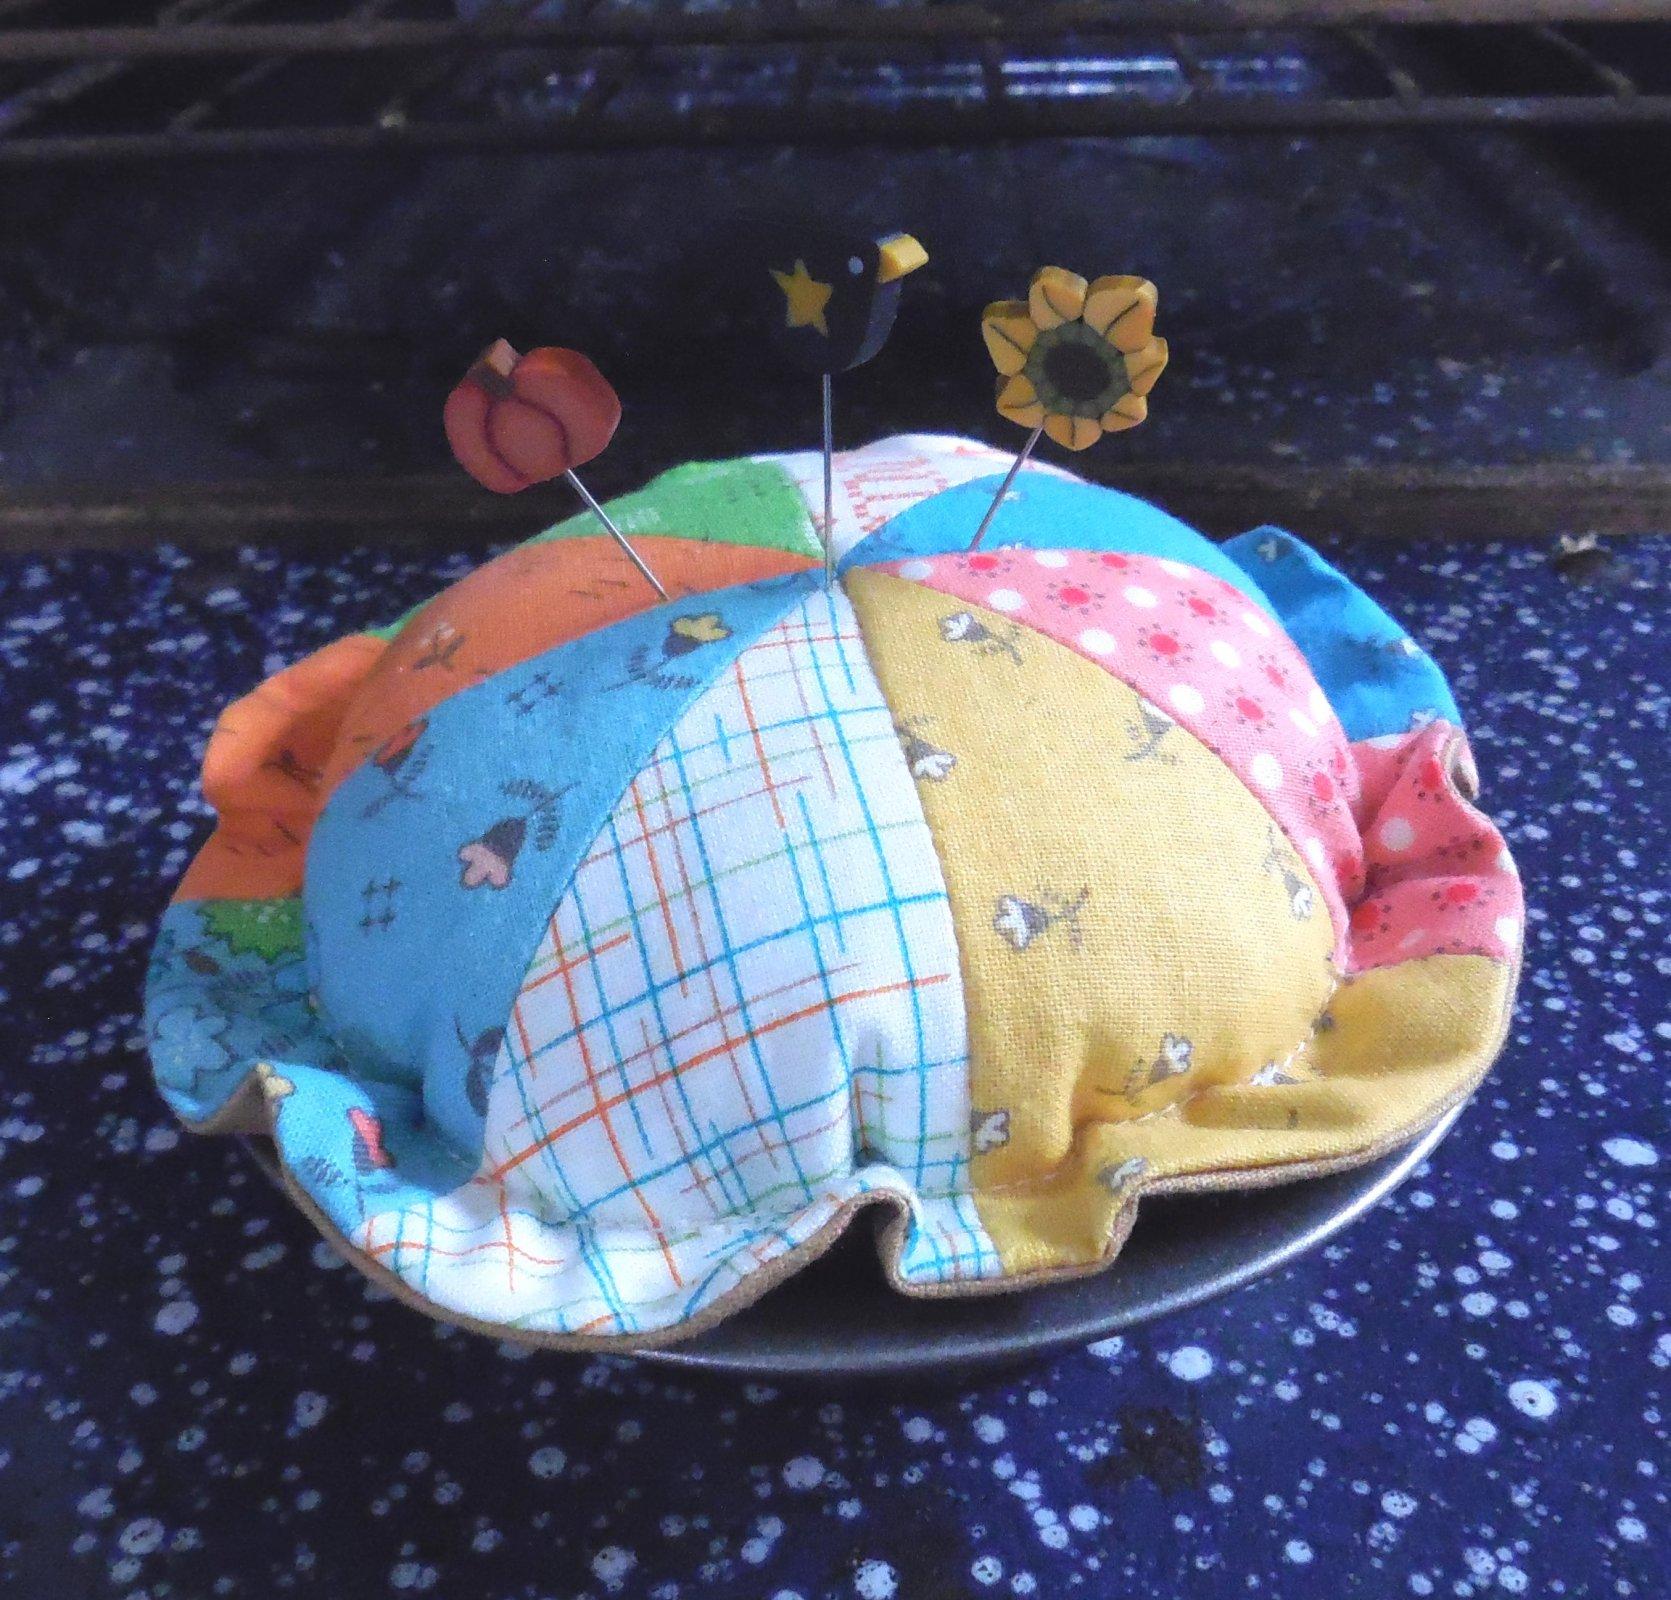 Cutie Pie Pincushion & Pins